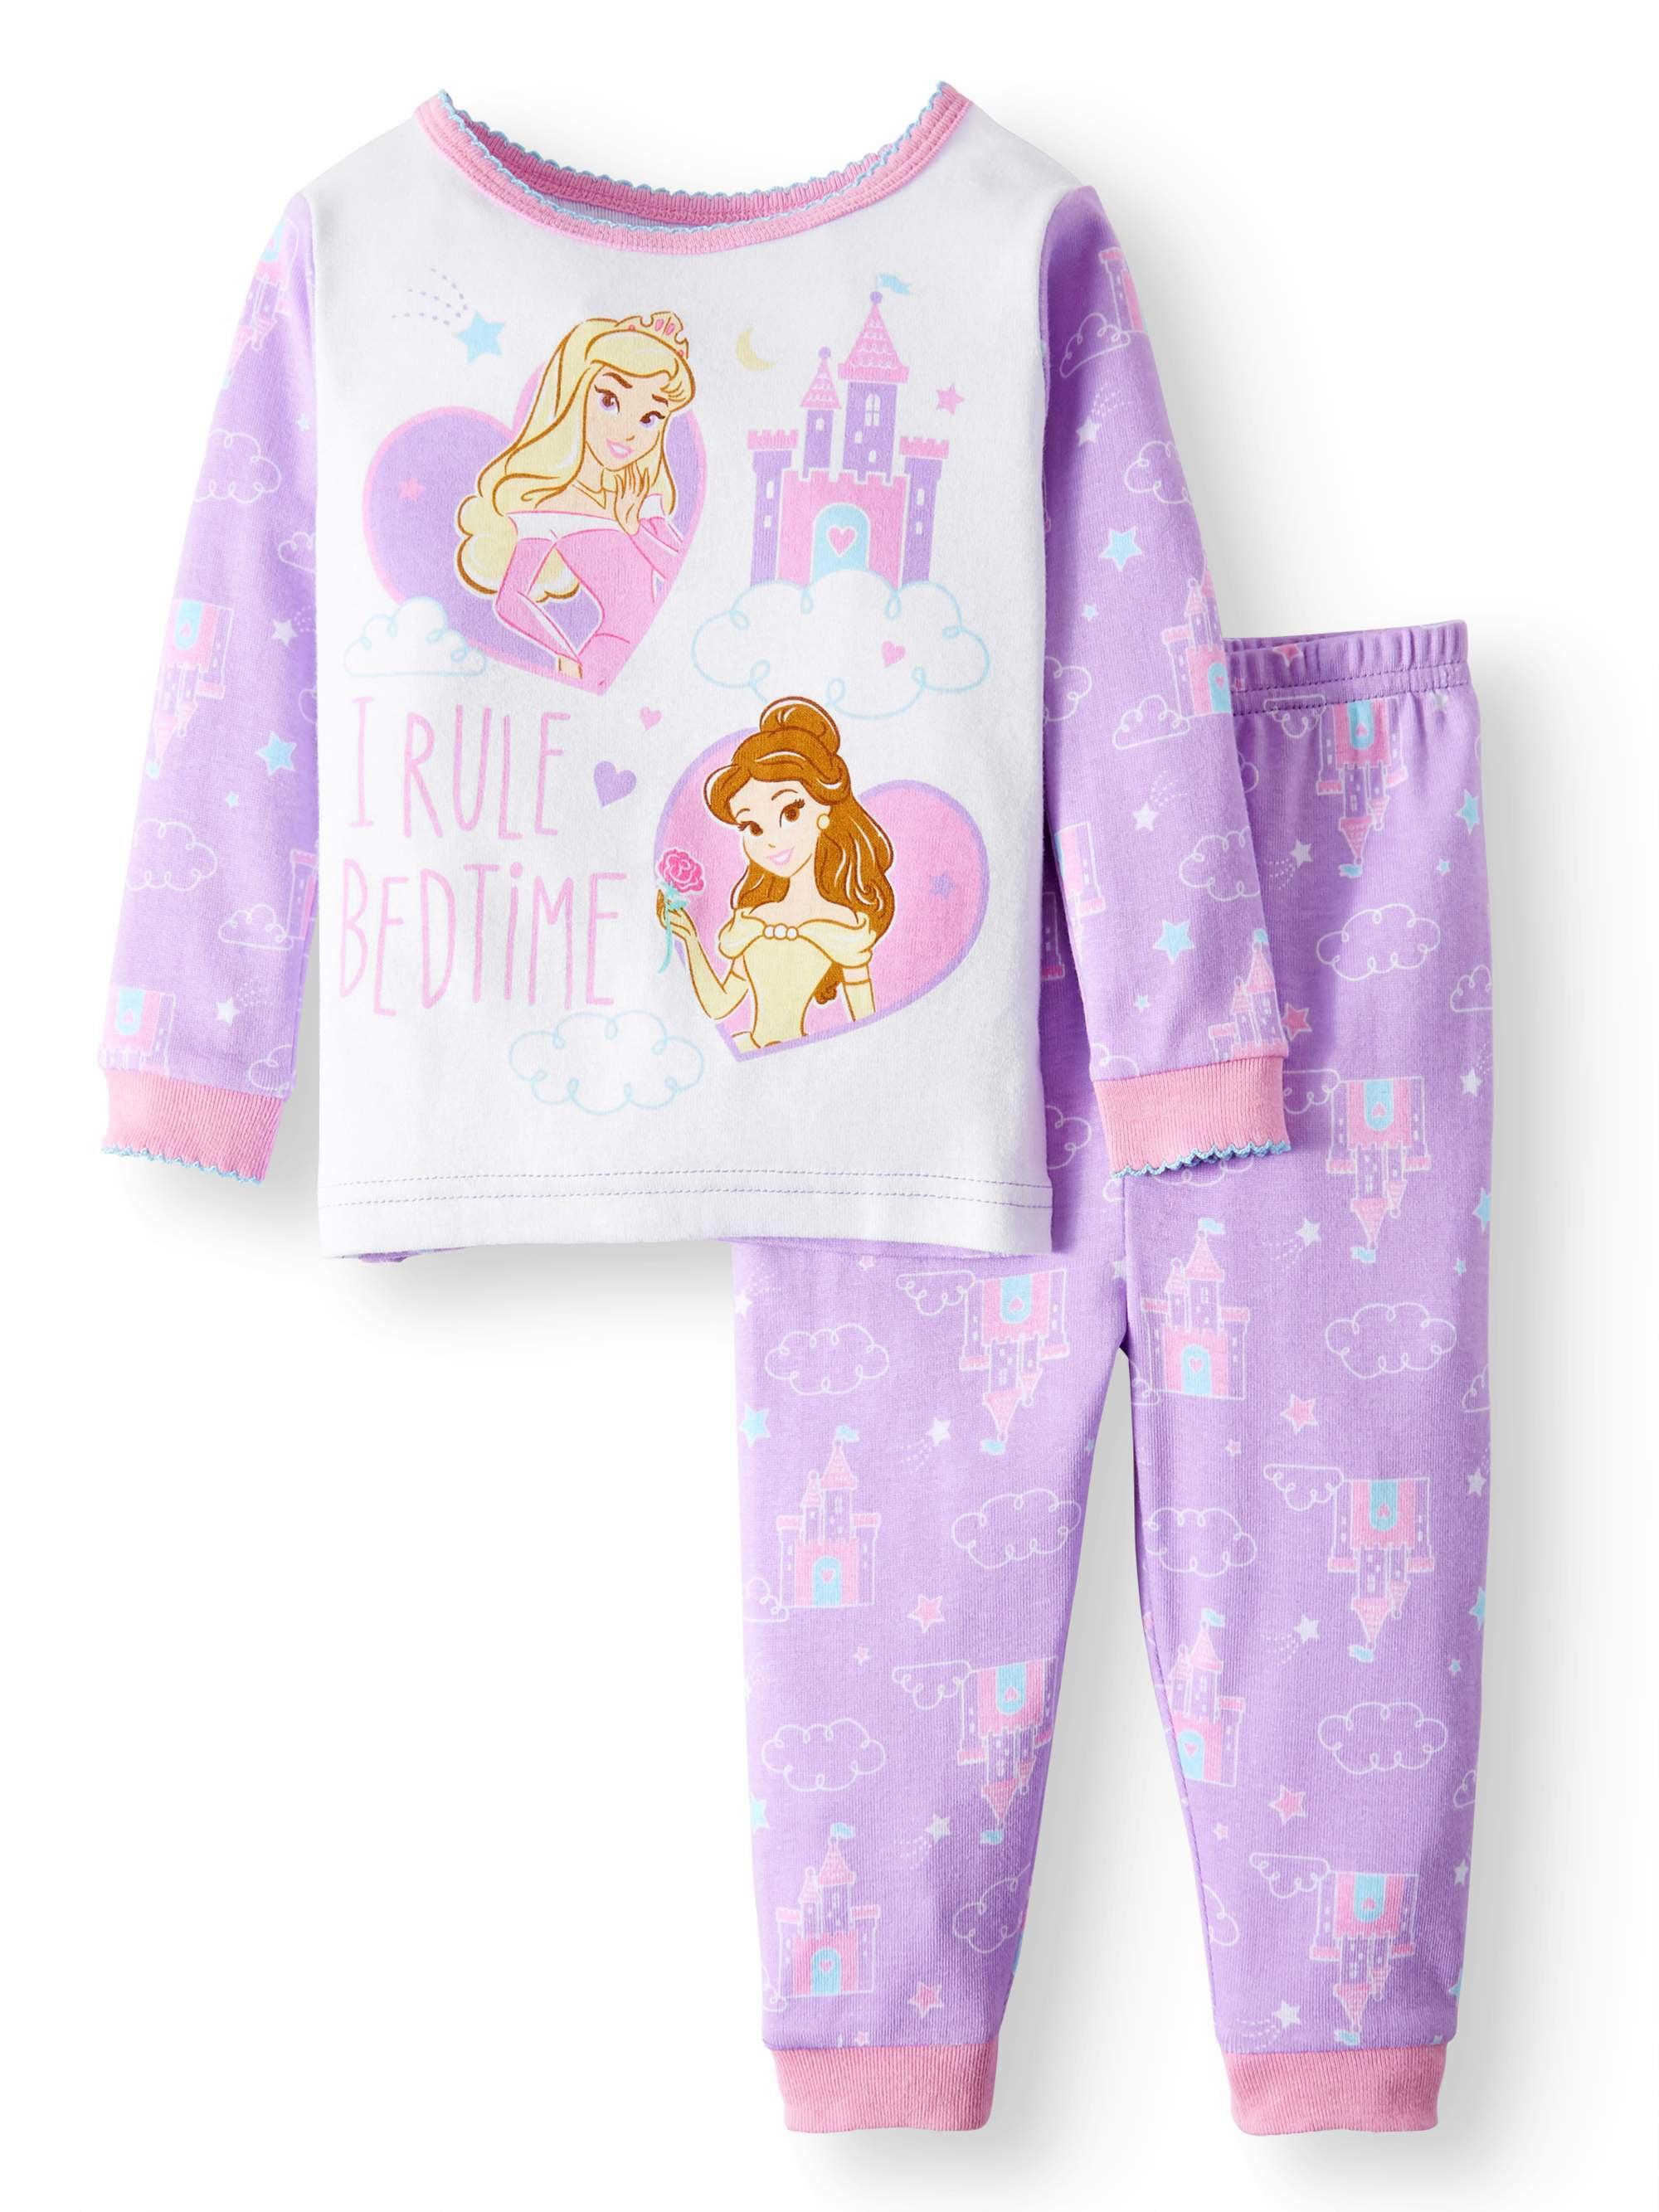 Disney Princess Cotton Tight Fit Pajamas, 2-piece Set (Baby Girls)